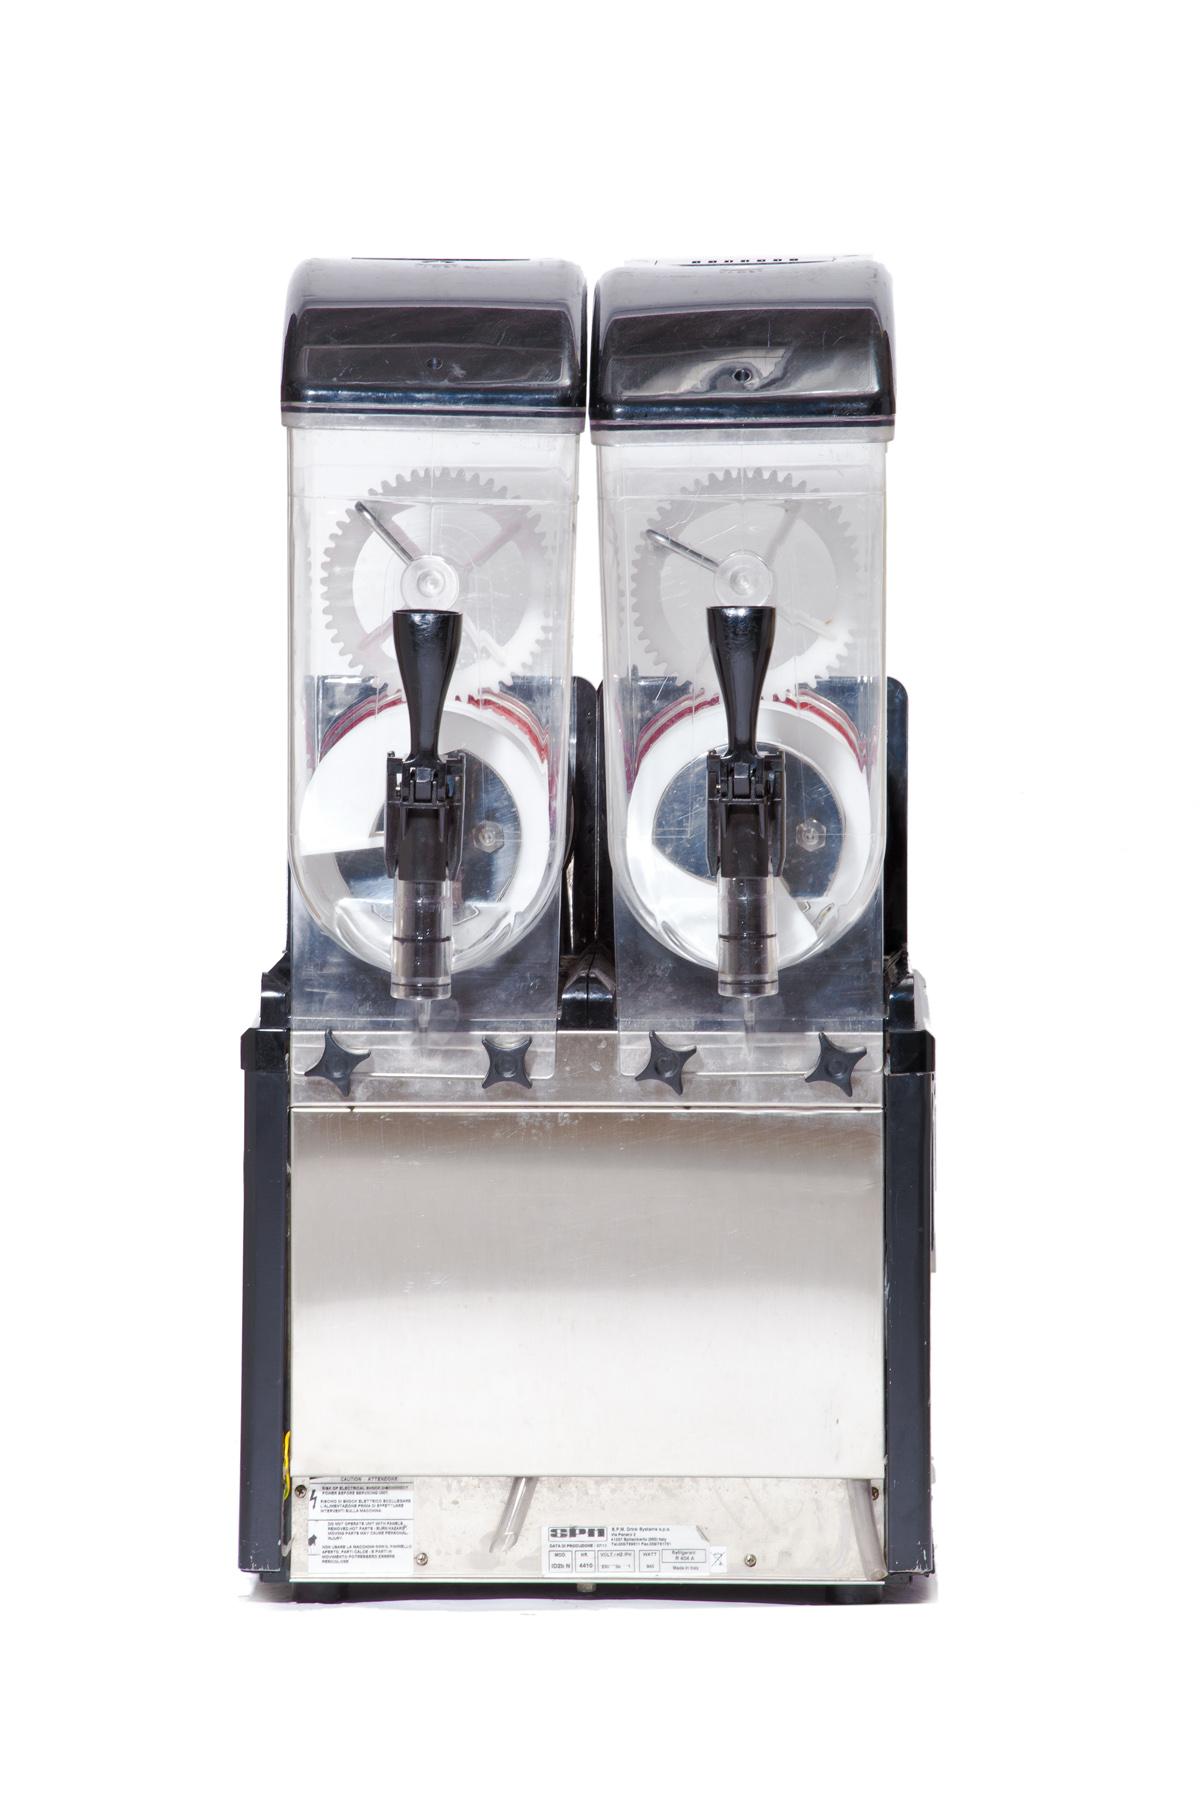 מגניב ביותר ימבמבם - מכונת ברד ראש אחד, אטרקציות ליום הולדת וציוד לאירועים AC-85